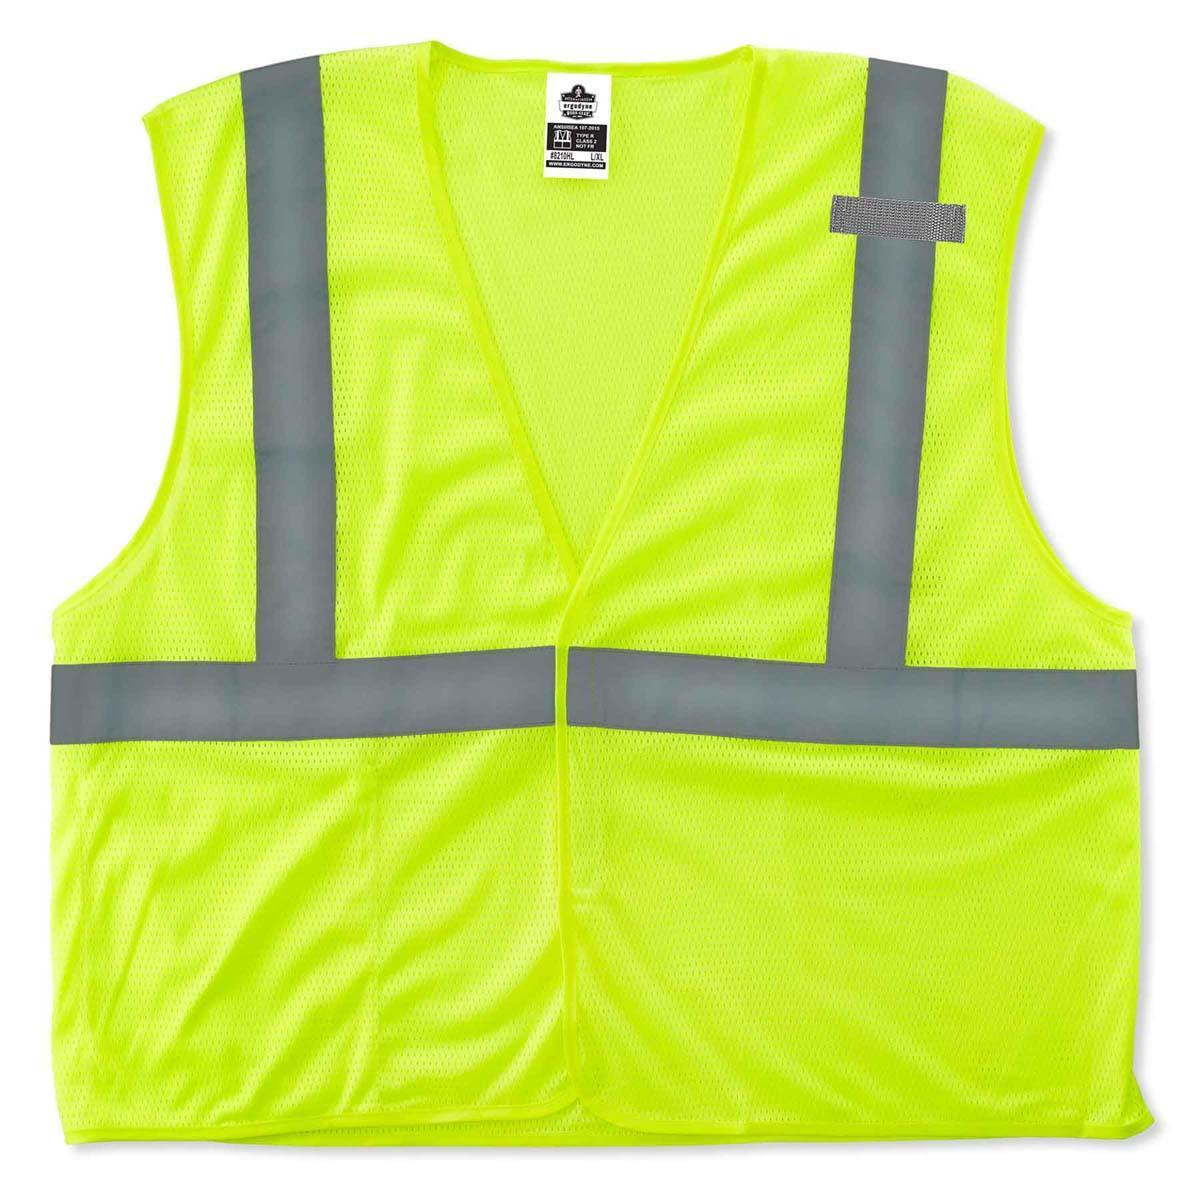 8210HL 2XL/3XL Lime Type R Class 2 Economy Mesh Vest